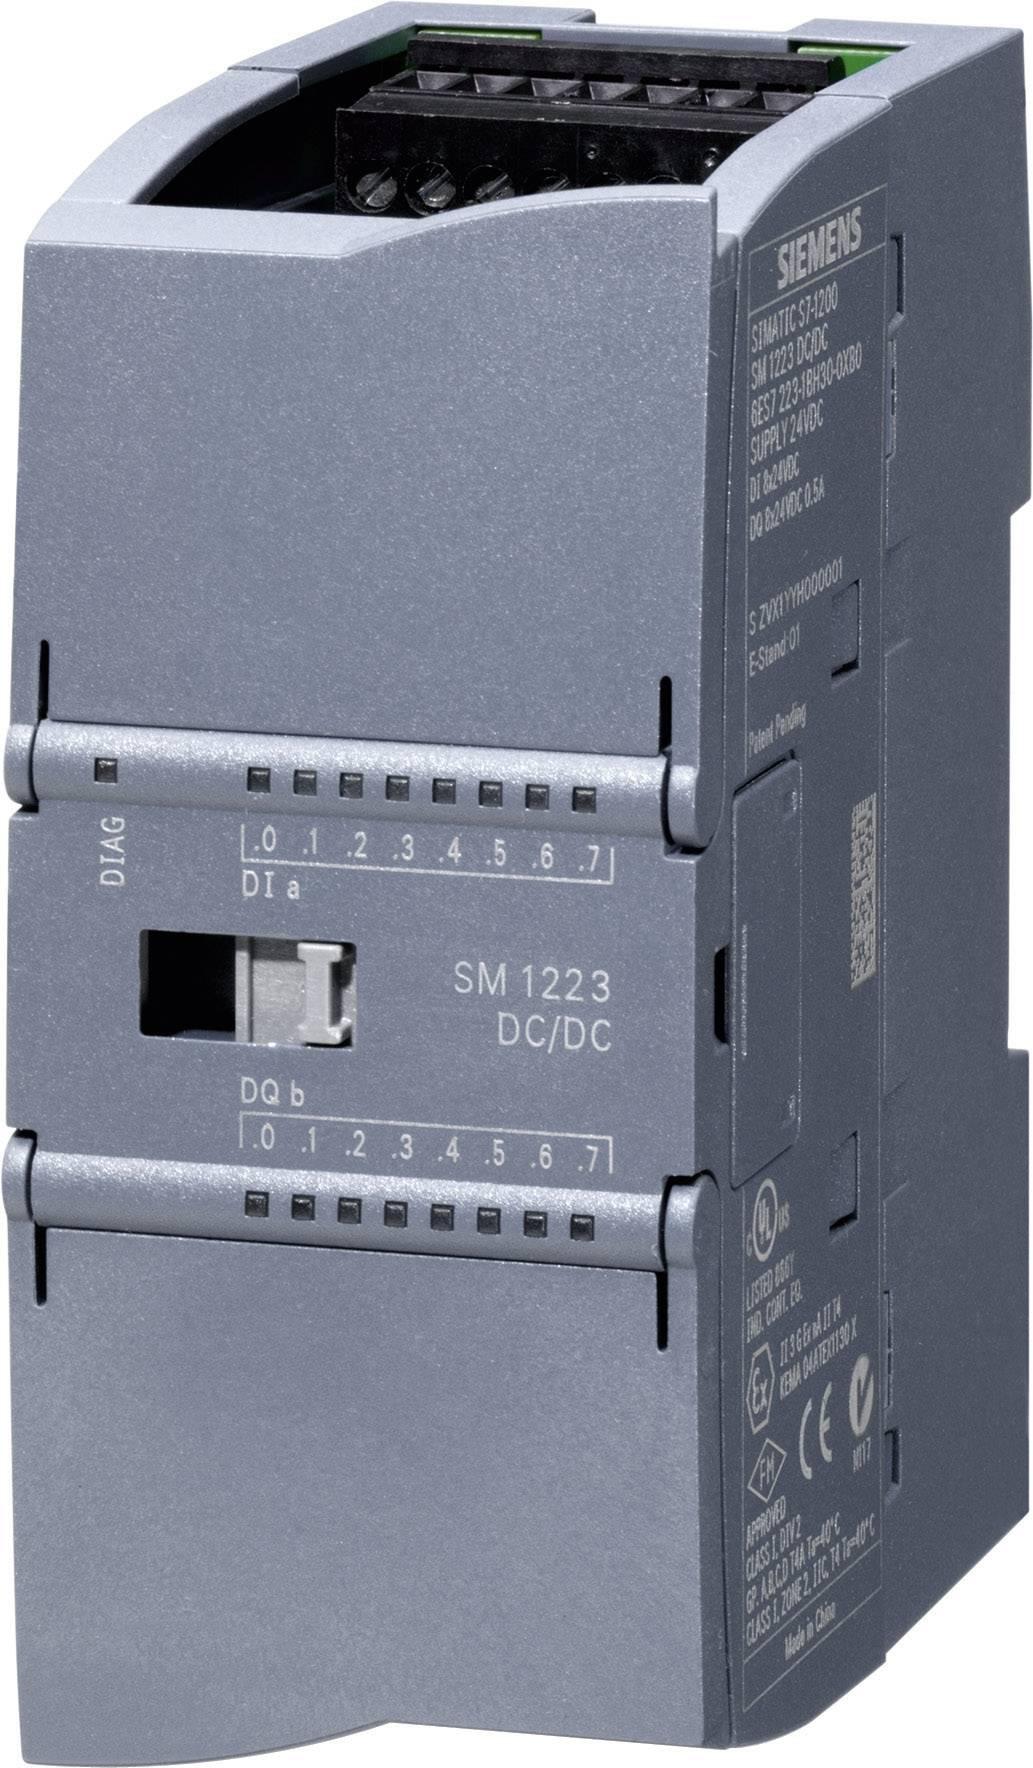 PLC rozširujúci modul Siemens SM 1223 6ES7223-1BL32-0XB0